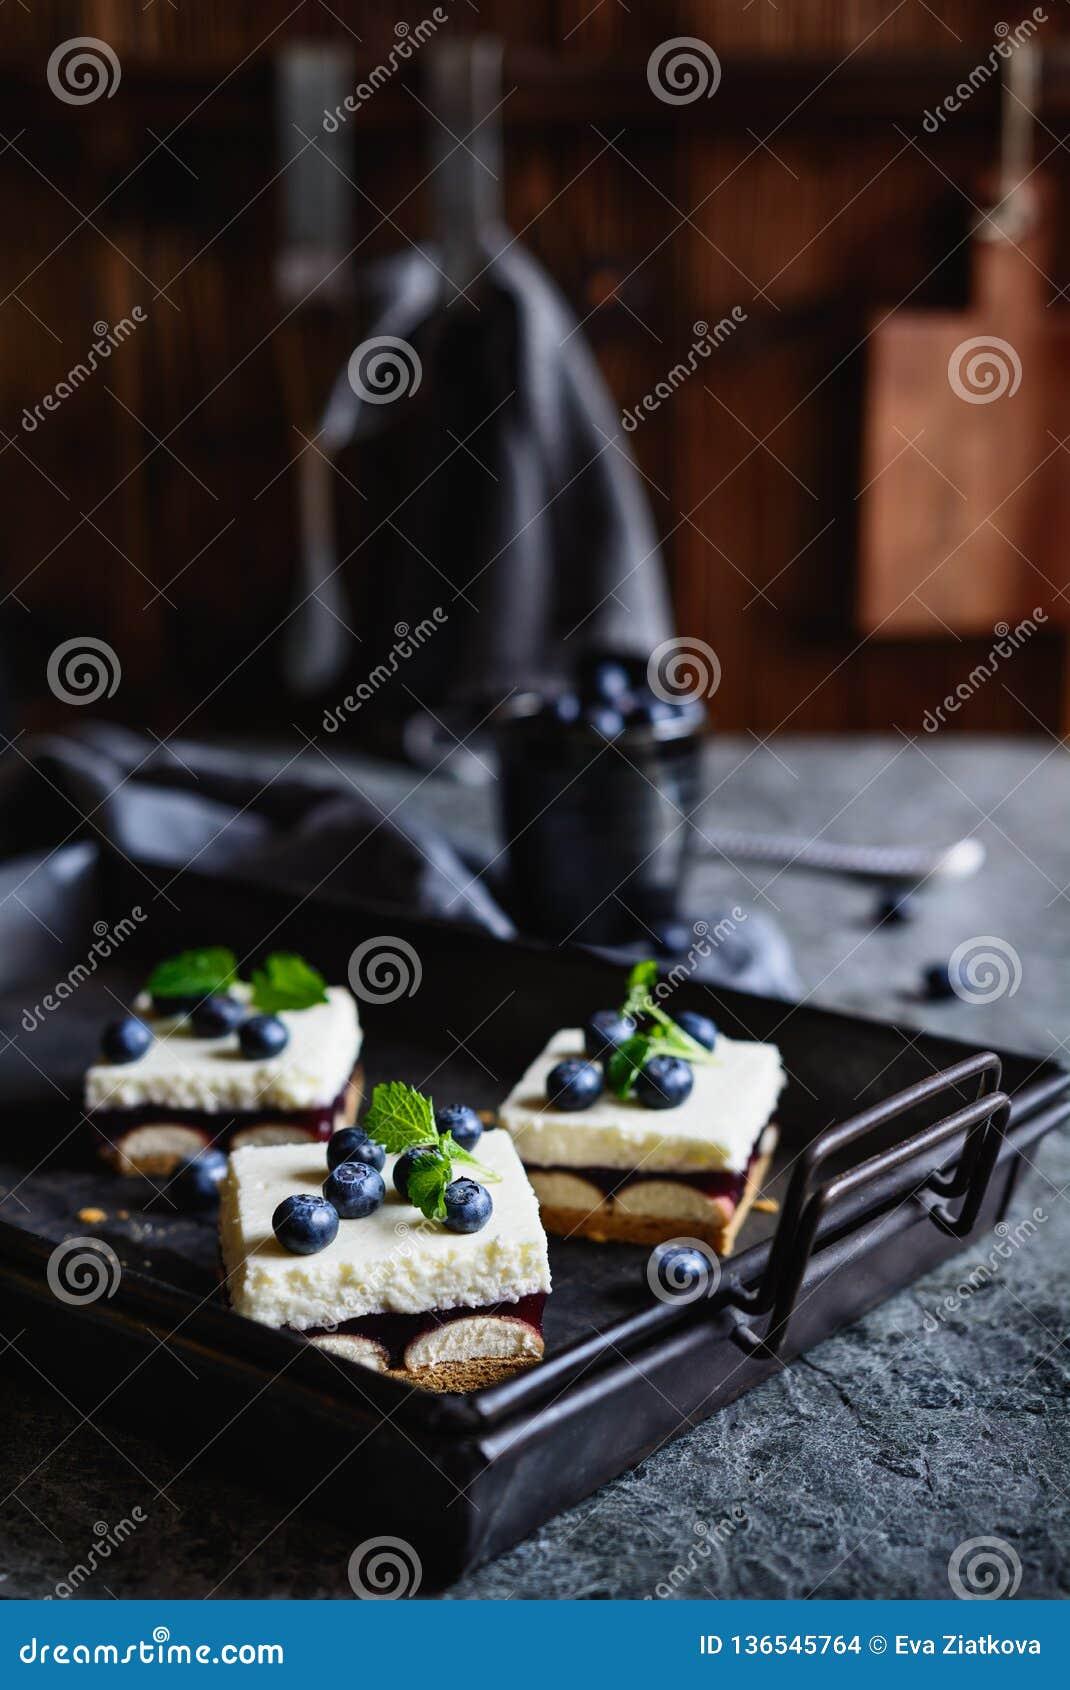 Kuchen mit Schicht Schwammkeksen, Blaubeergelee und Schlagsahne